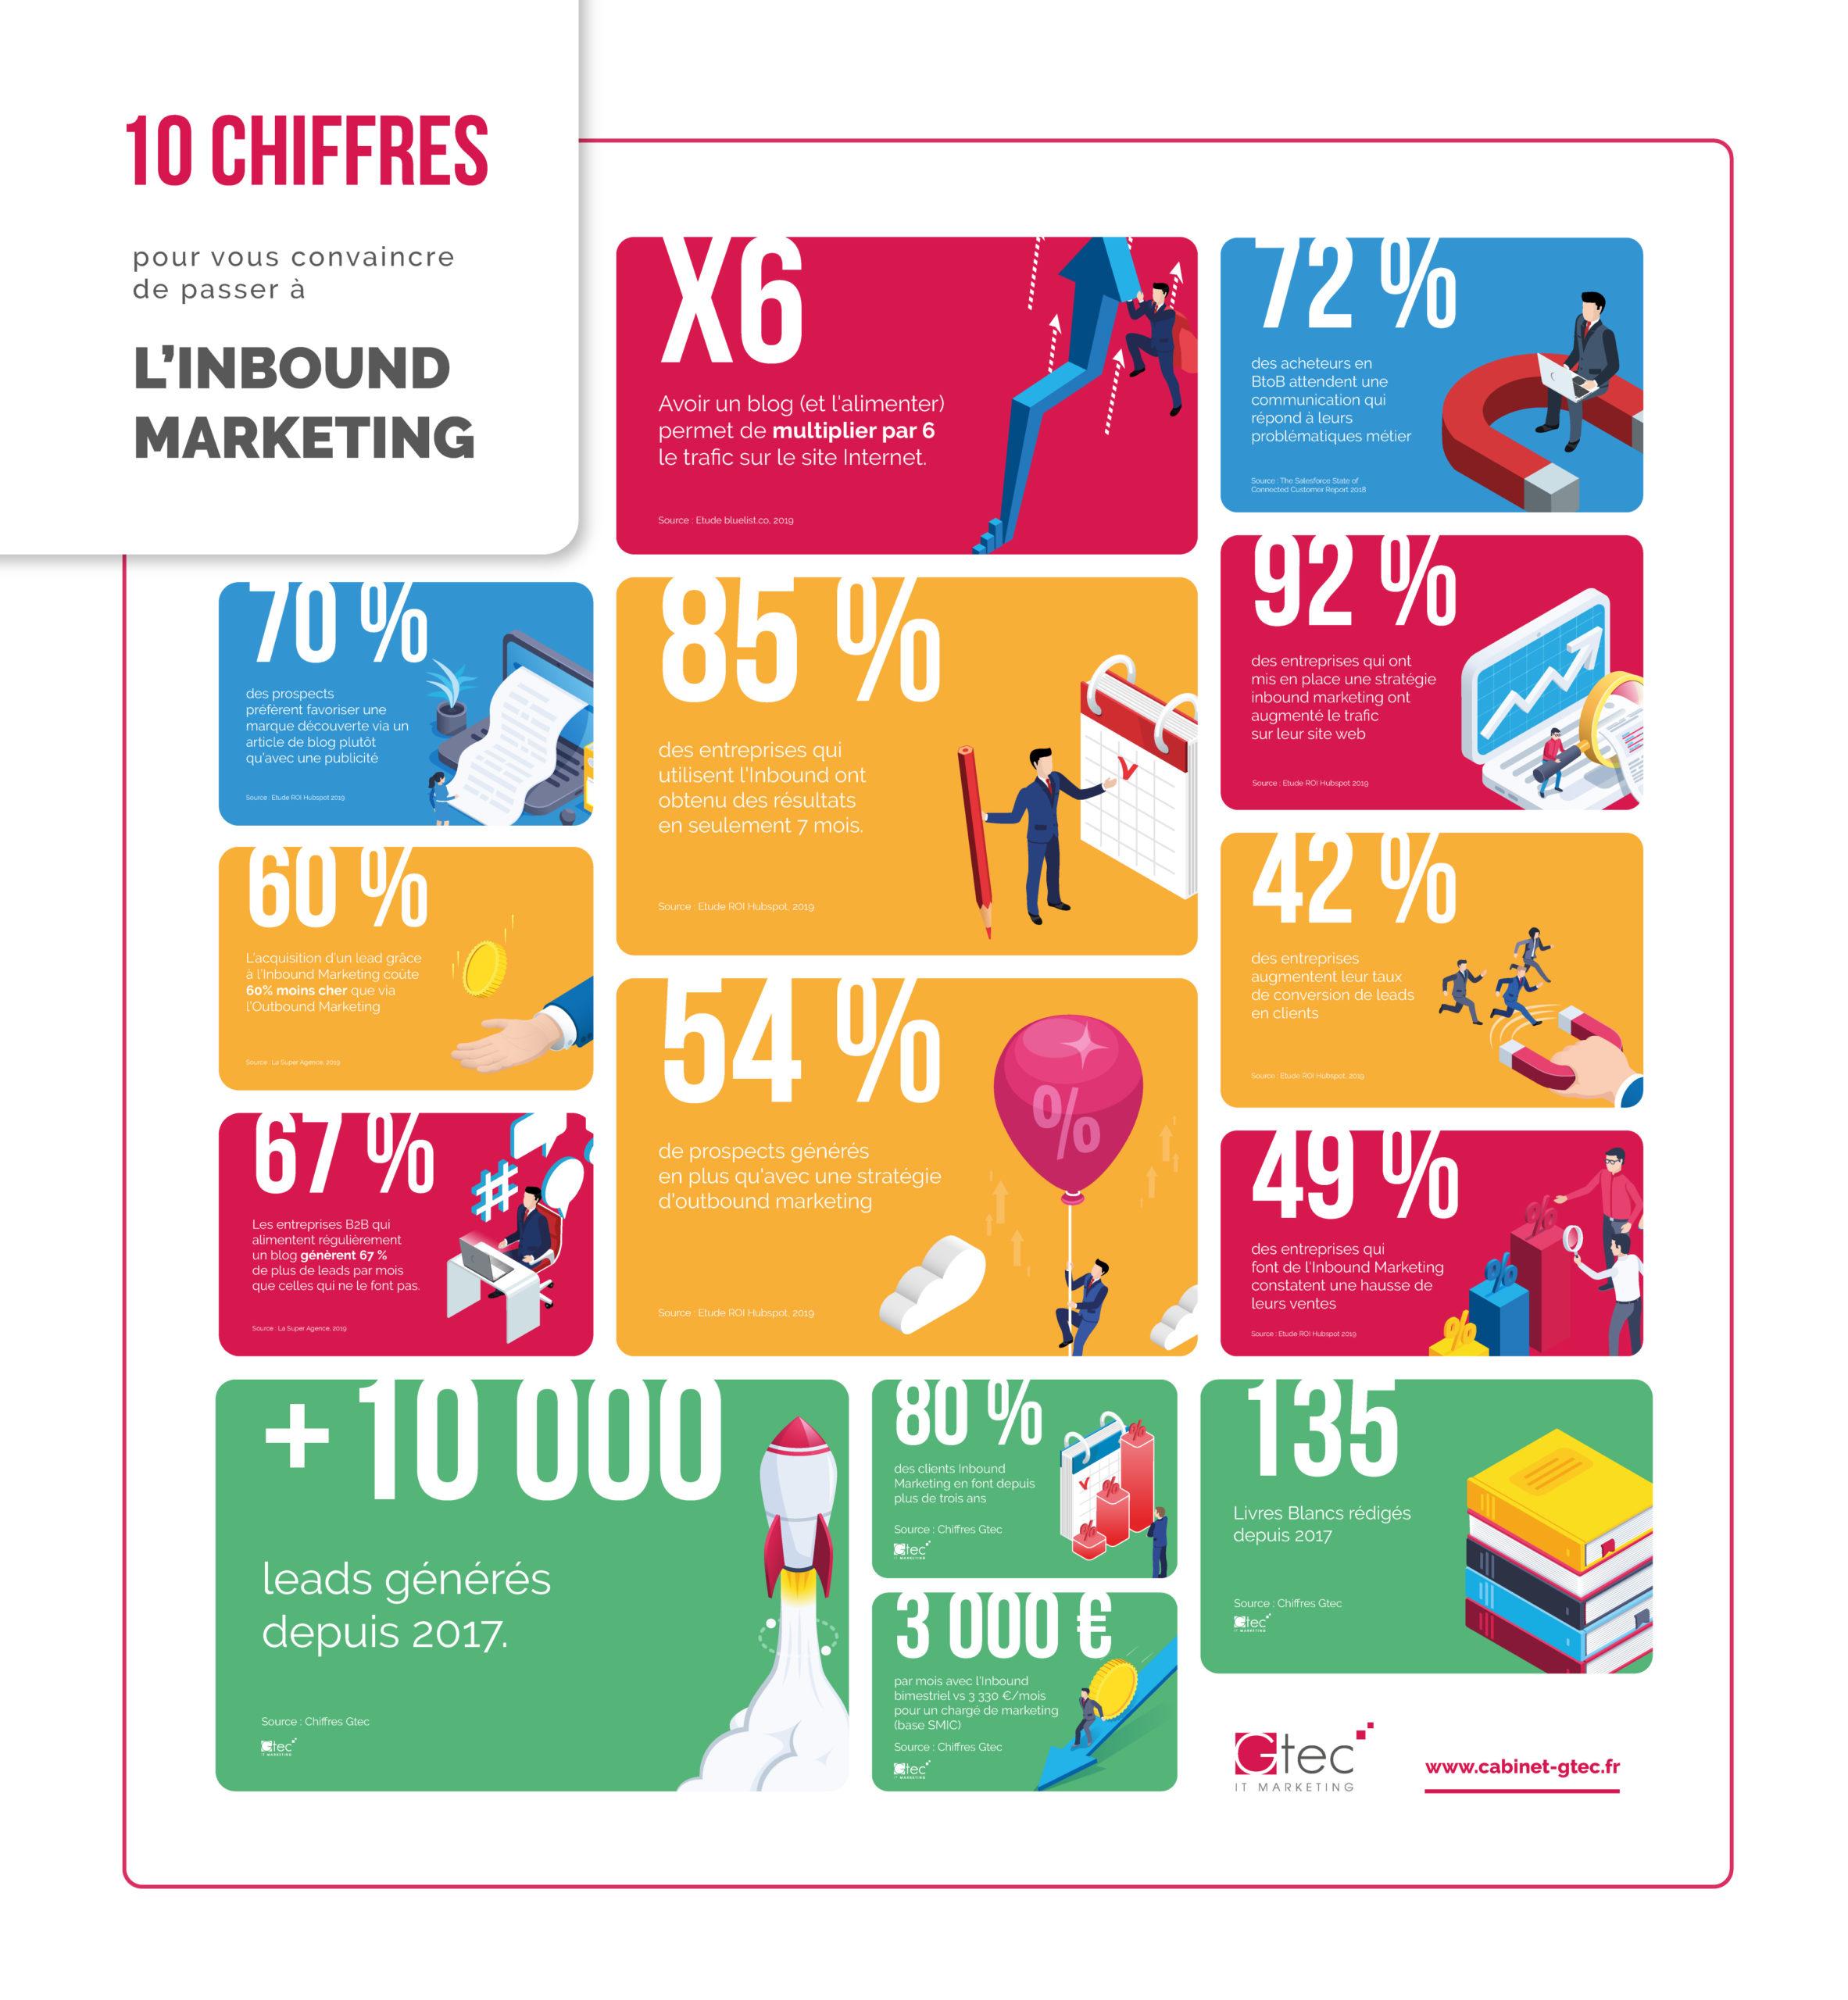 pourquoi passer à l'inbound marketing